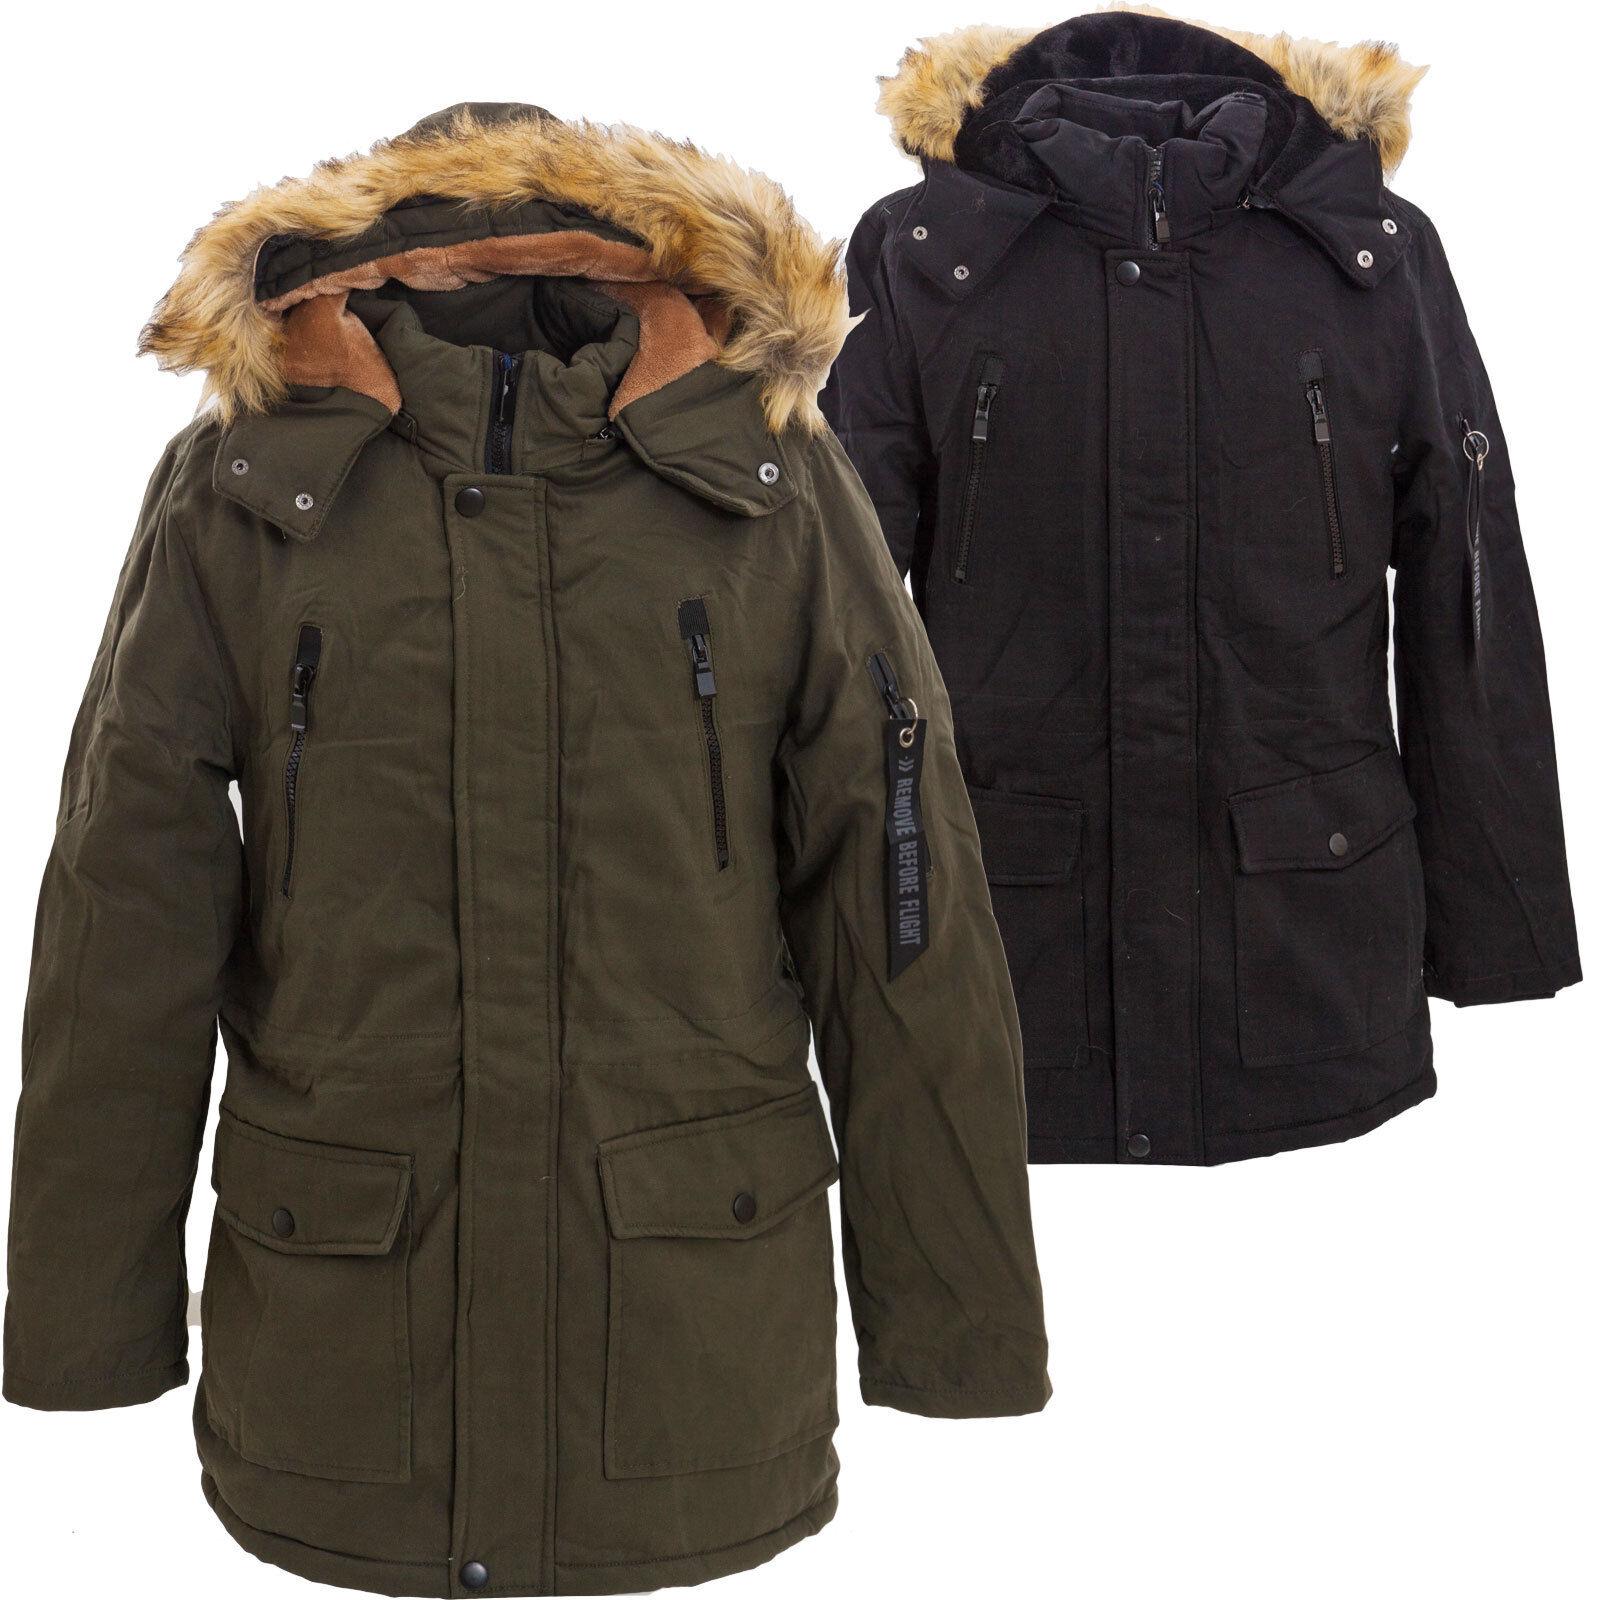 mode designer 399a4 4dec0 Détails sur Parka homme veste à capuche manteau de fourrure écologique  chaud long neuf YT308